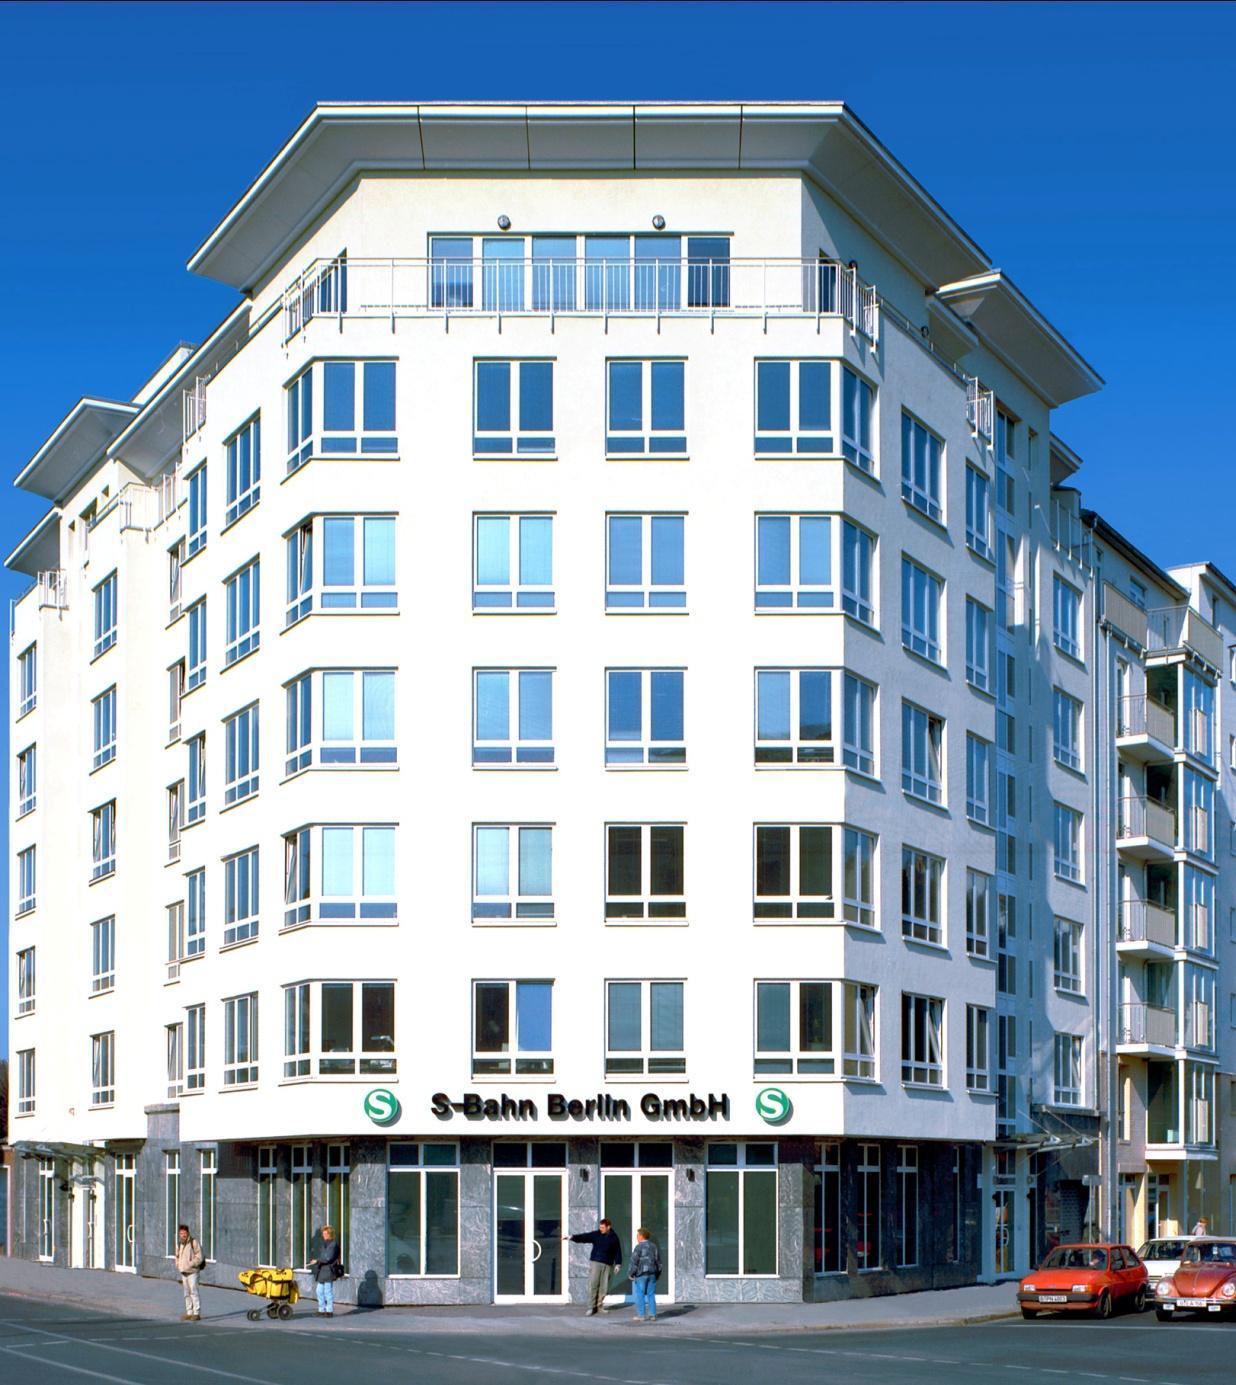 Berlin-Mitte, Invalidenstraße/Ecke Gartenstraße